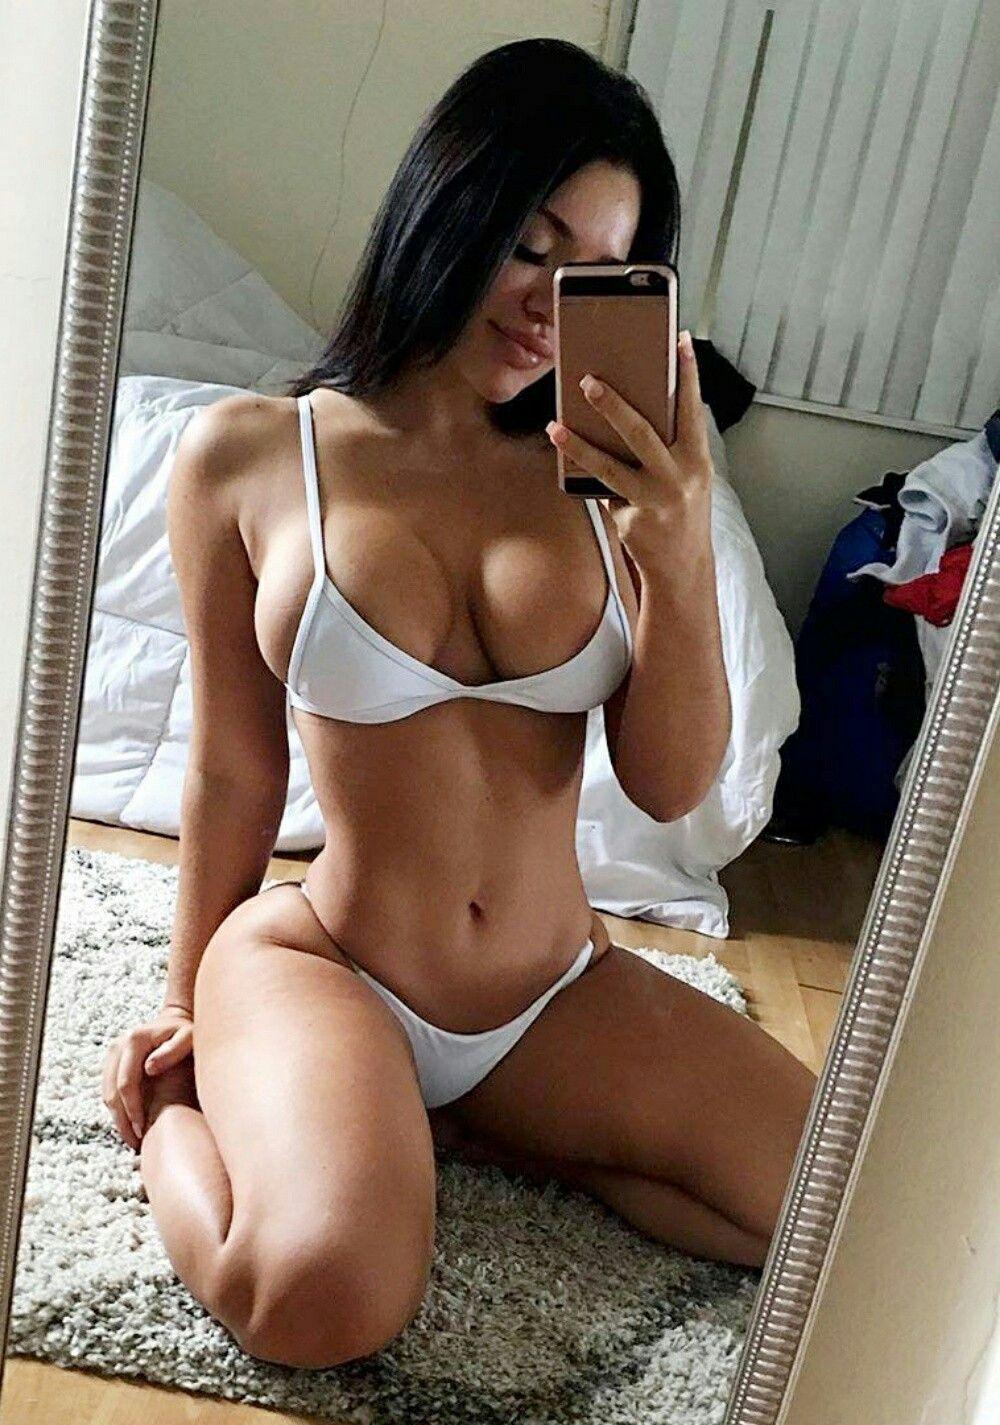 Cleavage Genesis Mia Lopez naked (38 photos), Sexy, Sideboobs, Selfie, panties 2018